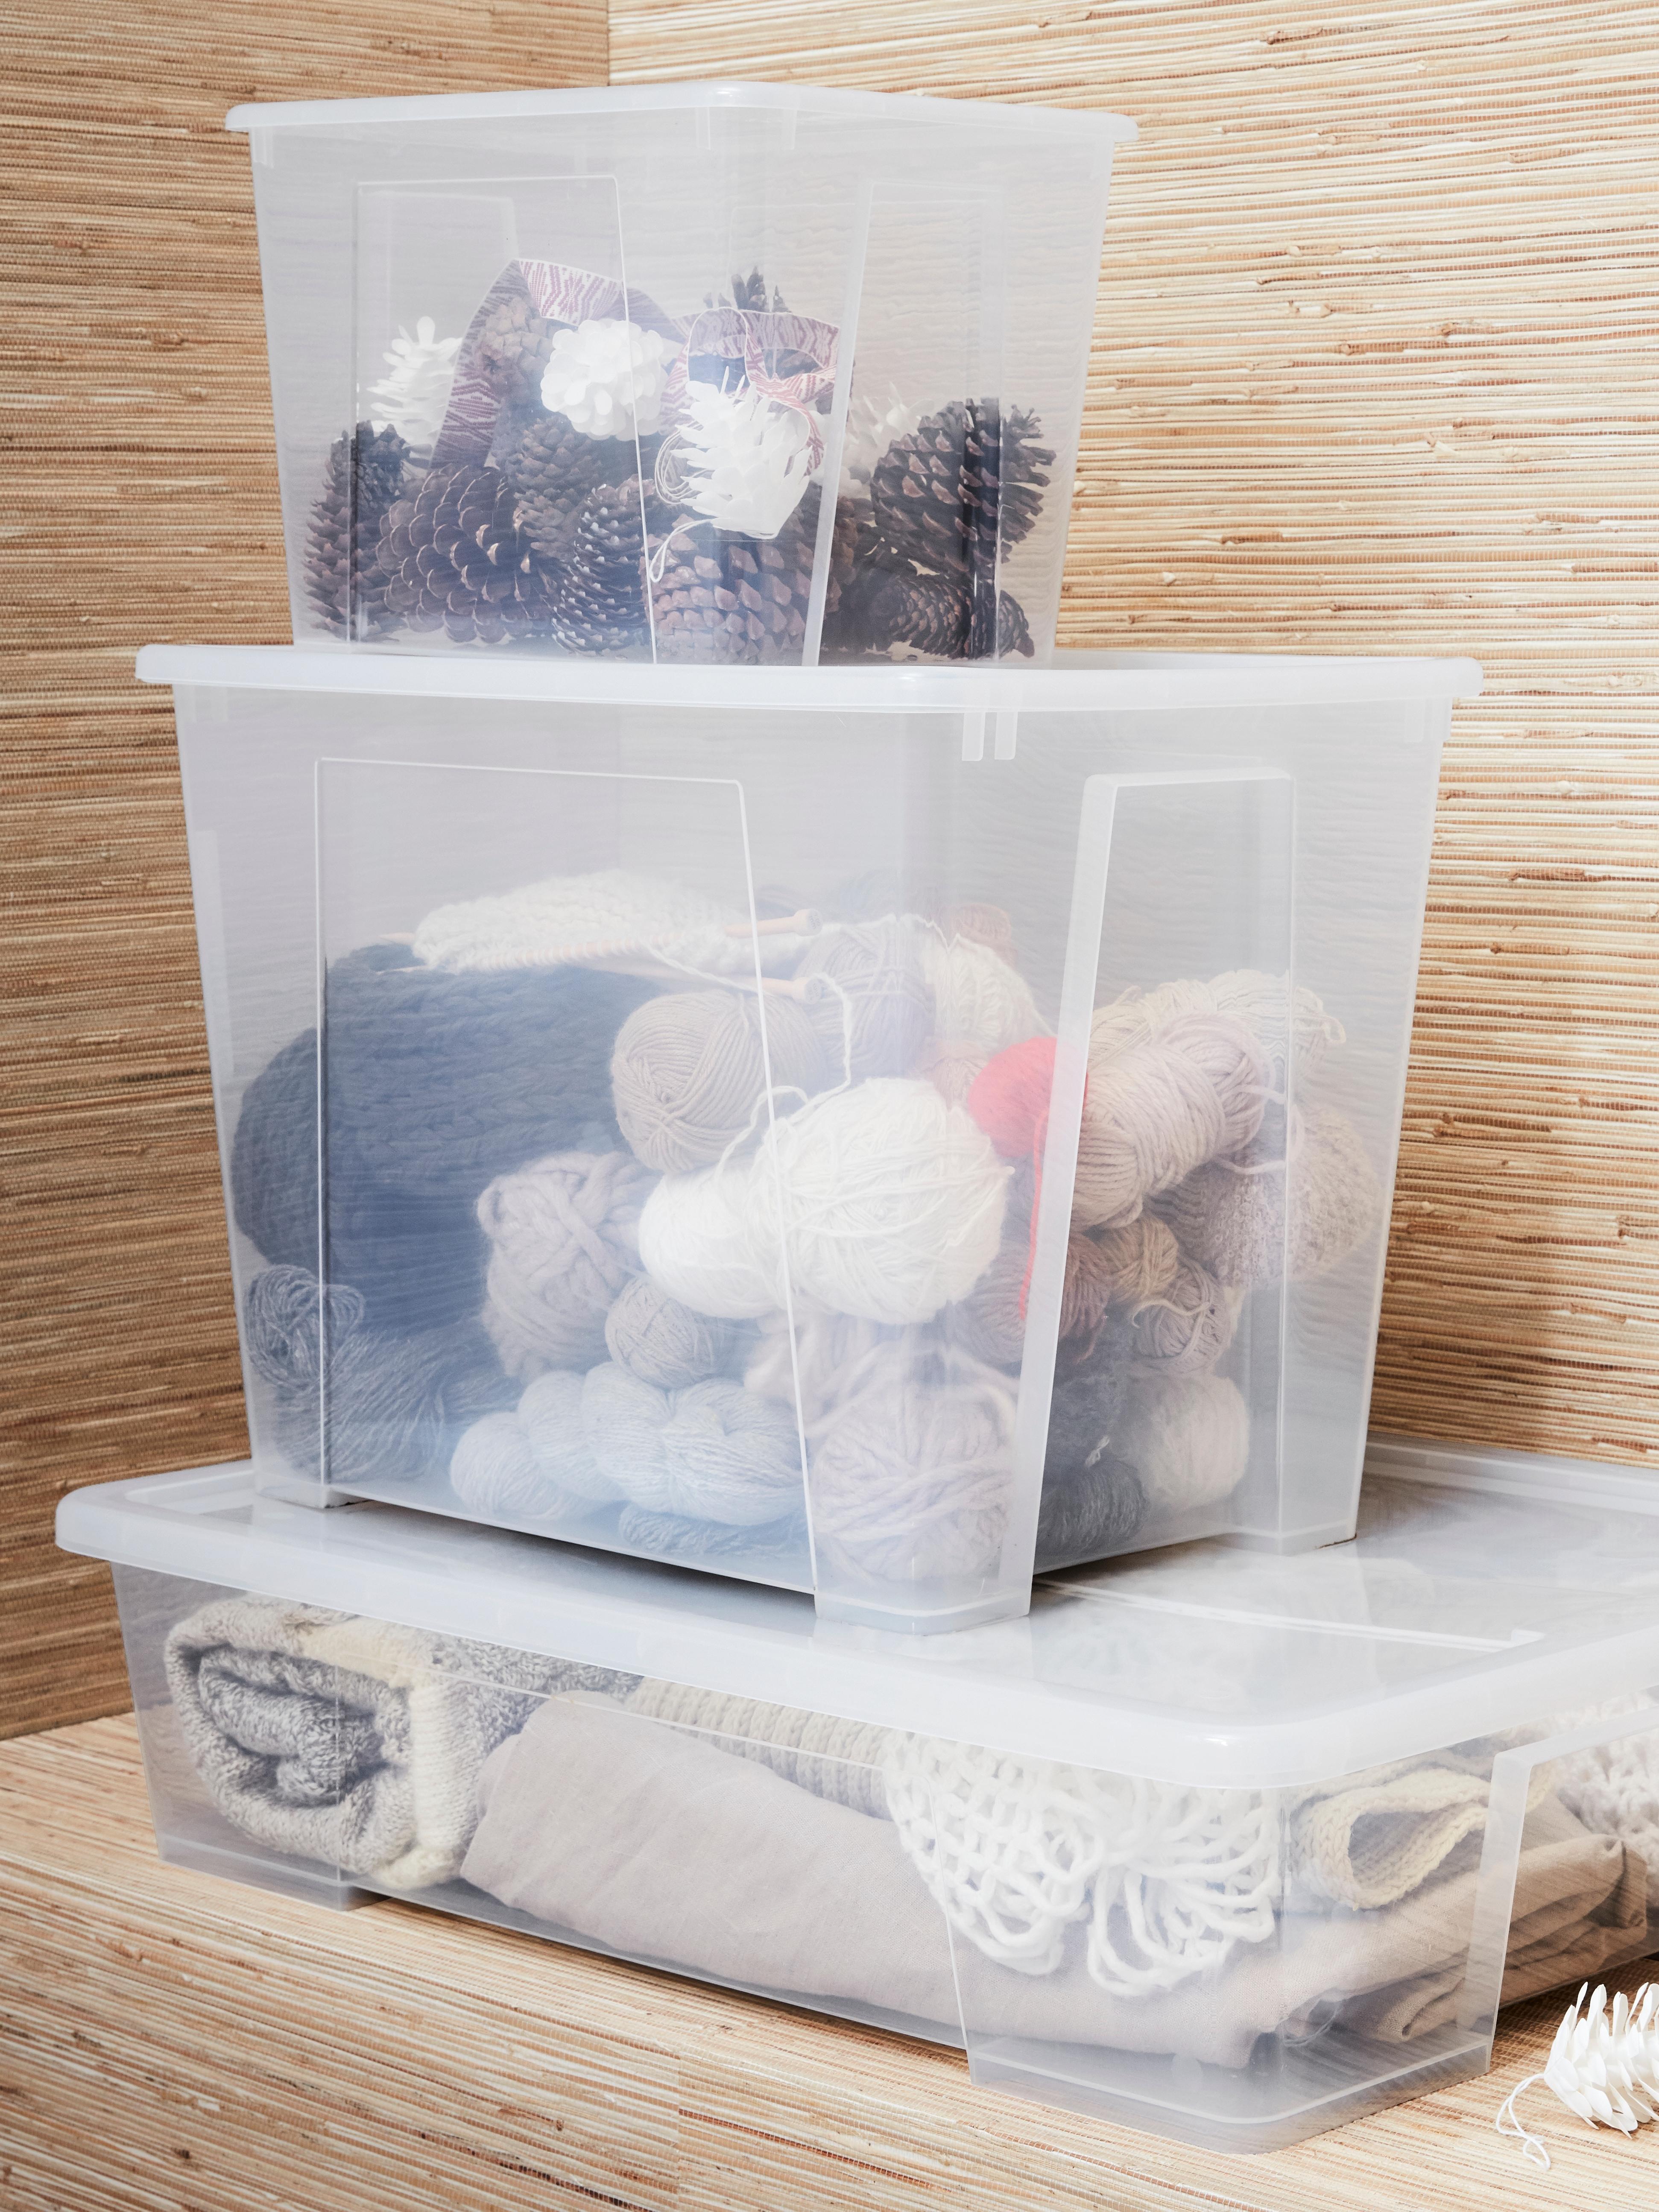 Egurrezko armairua tamaina desberdinetako hiru plastikozko kaxa gardenekin, bata arroparekin eta bestea bolekin.